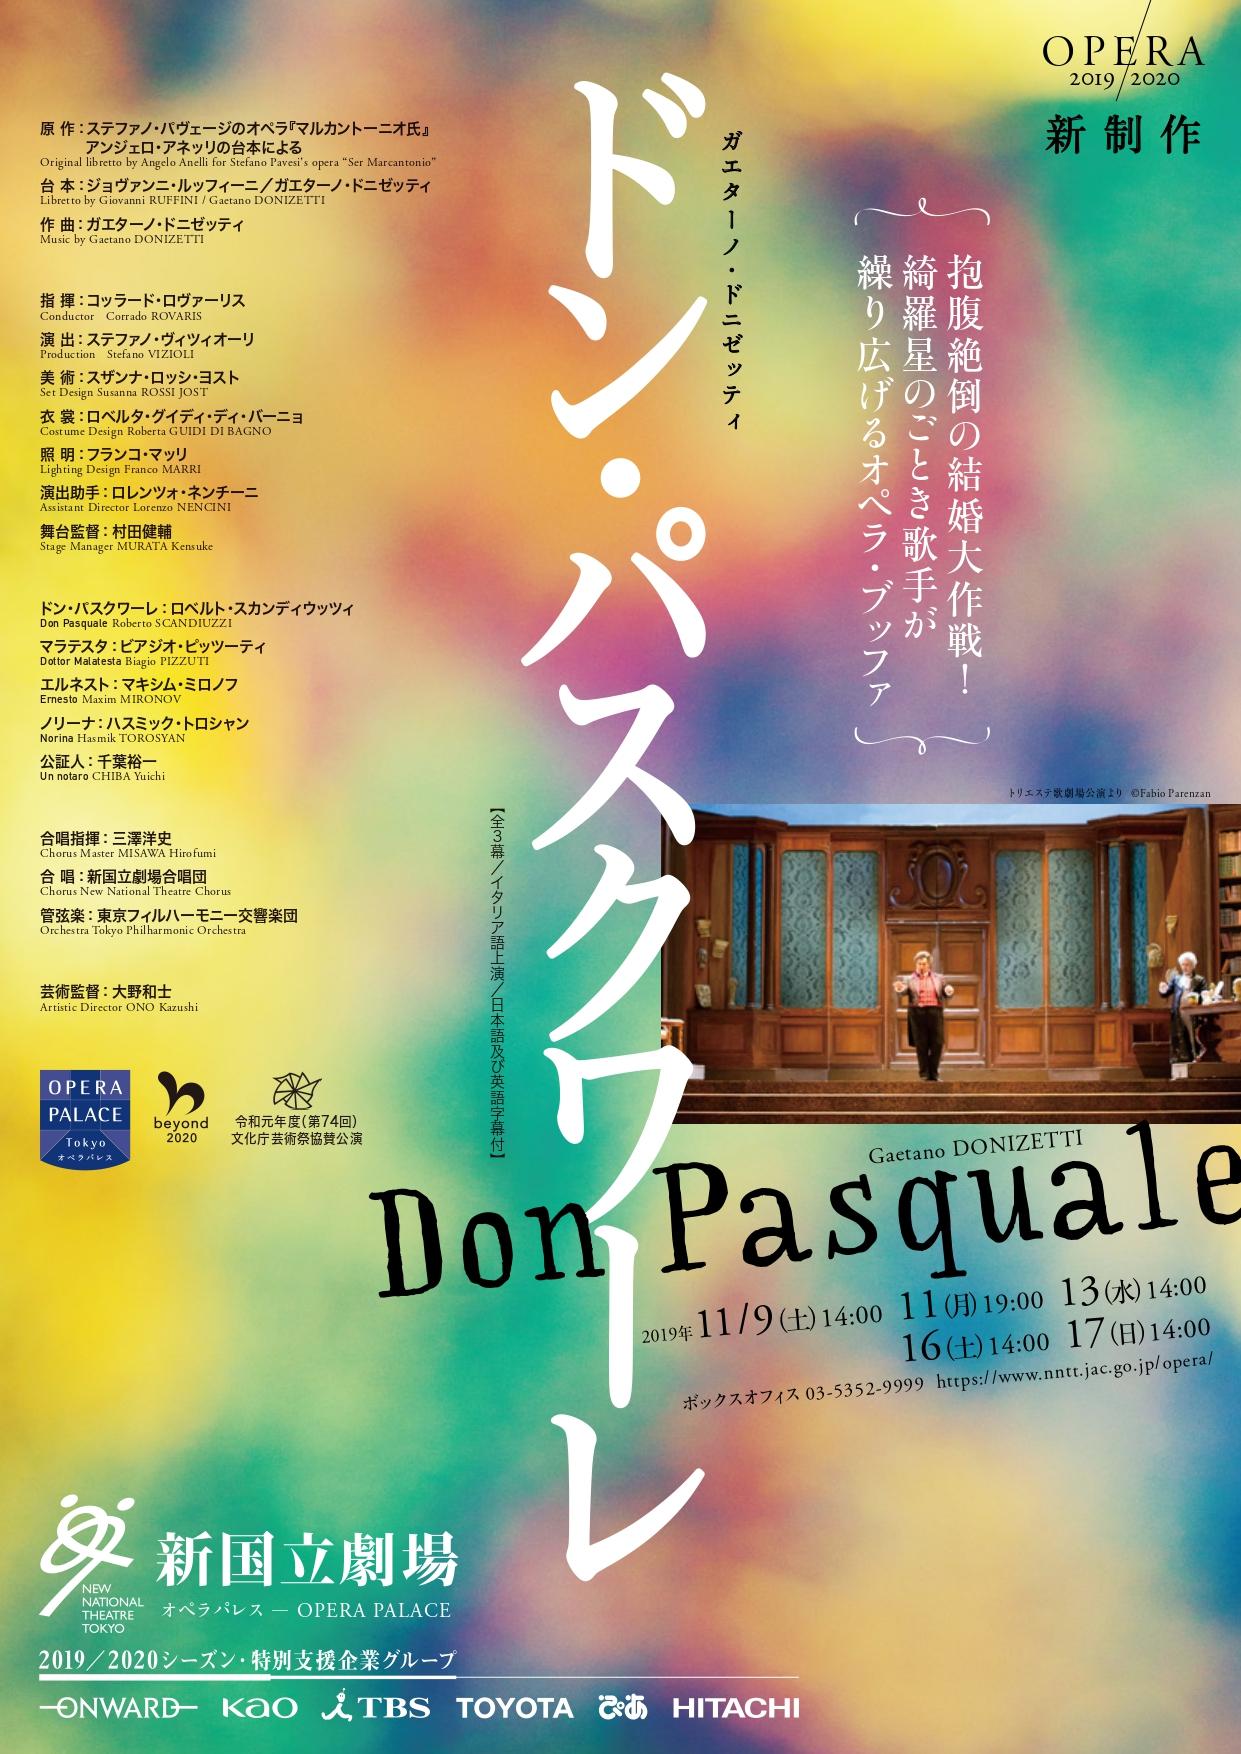 新国立劇場オペラ『ドン・パスクワーレ』